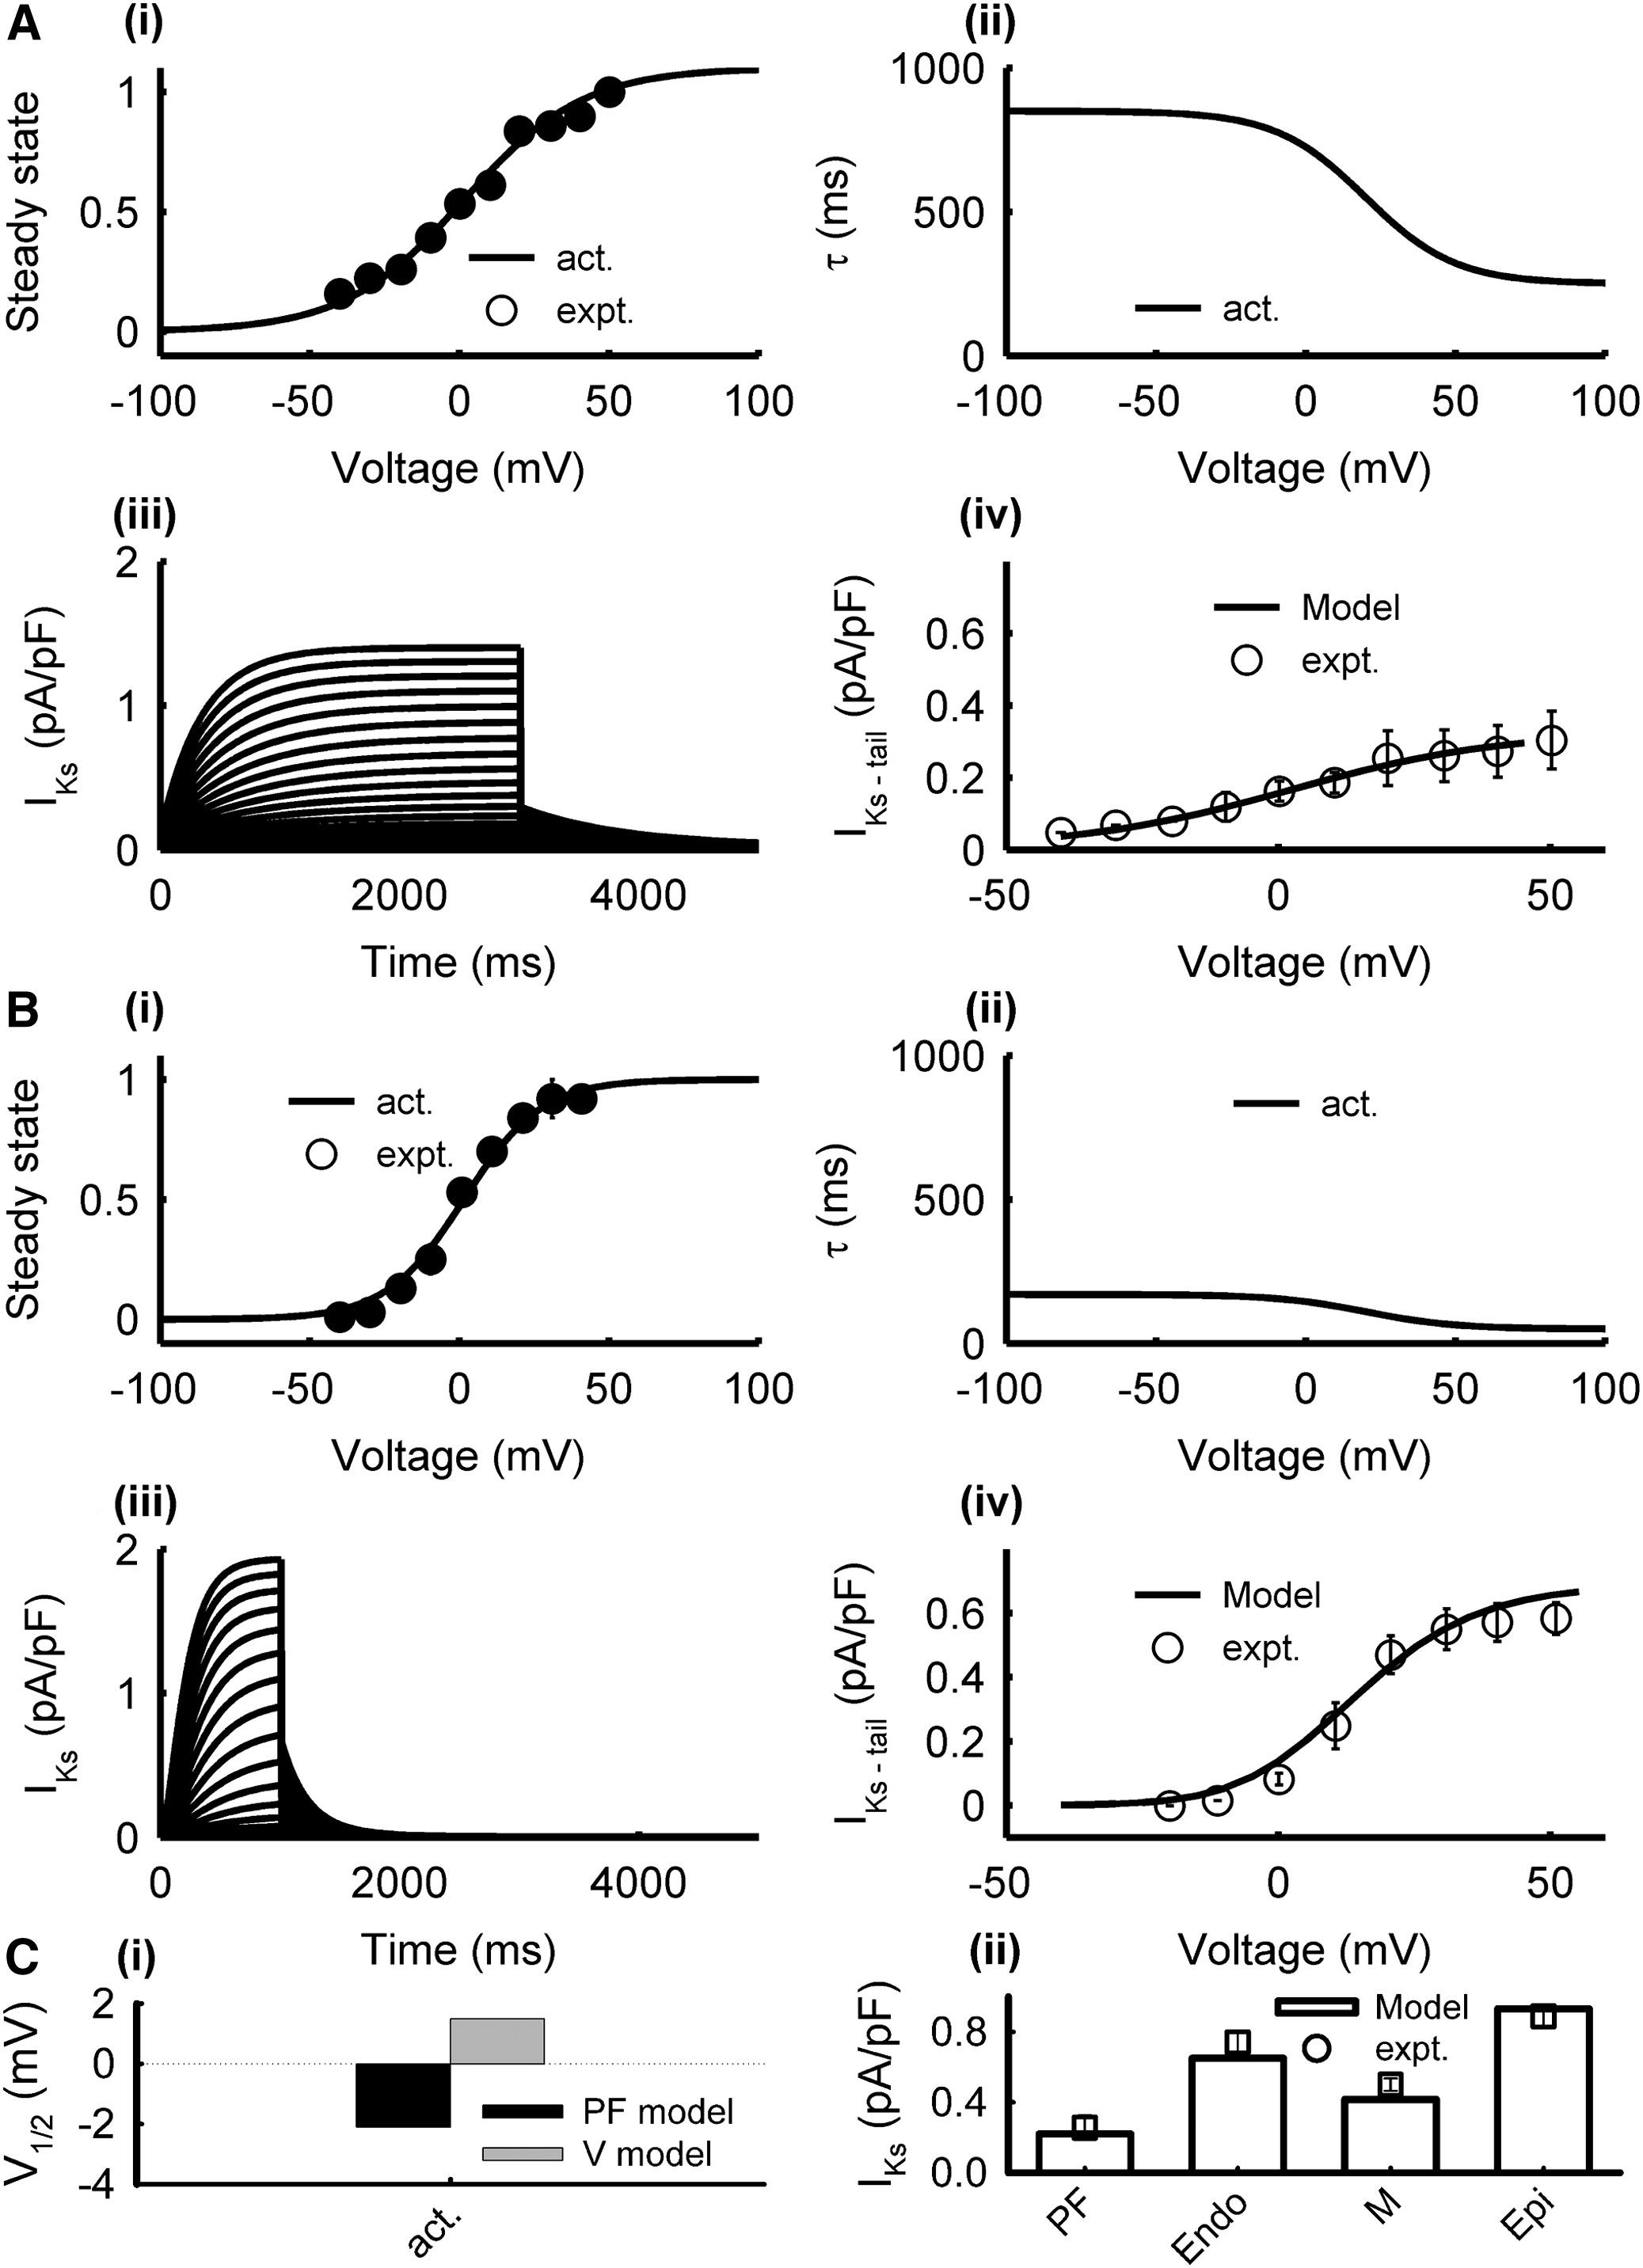 Ionic Mechanisms for Electrical Heterogeneity between